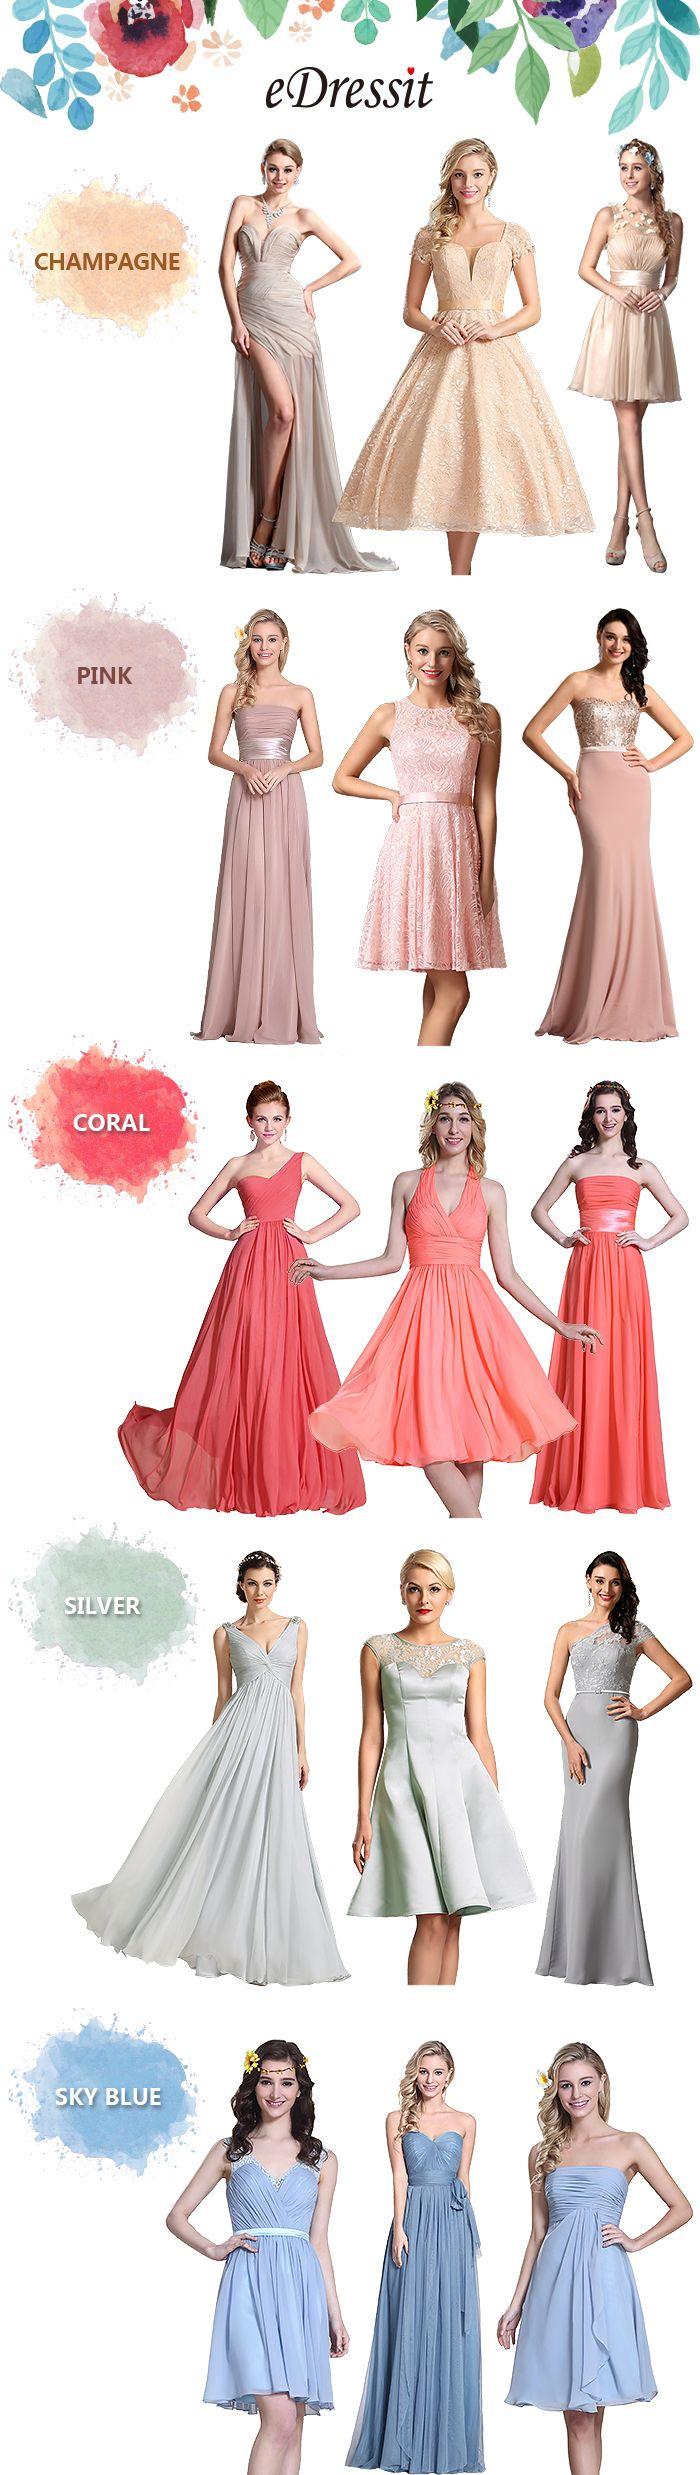 #eDressit #robe #noce #solde #remise #mariage #fête #mode #noce #demoiselle #honneur #remise #réduction #solde